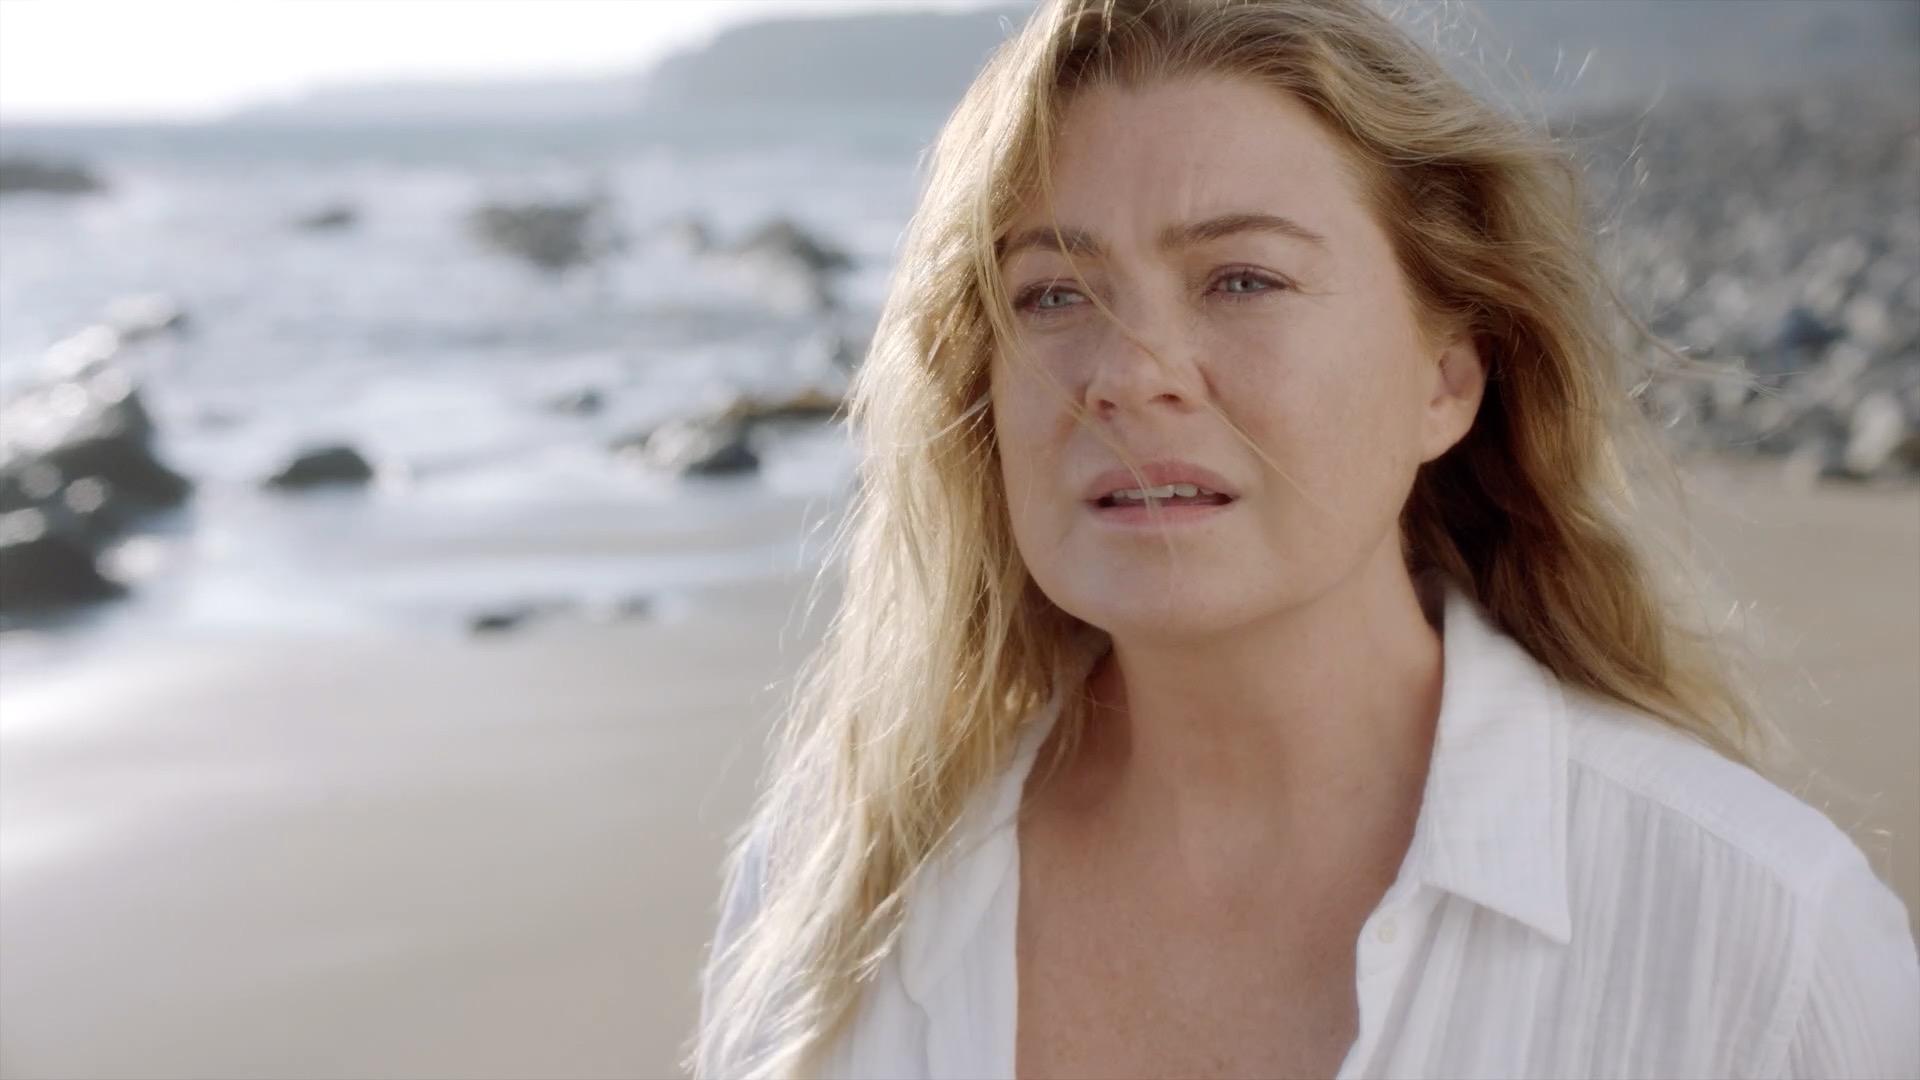 El caso Meredith de 'Anatomía de Grey': vuelve la serie más querida con la protagonista más odiada